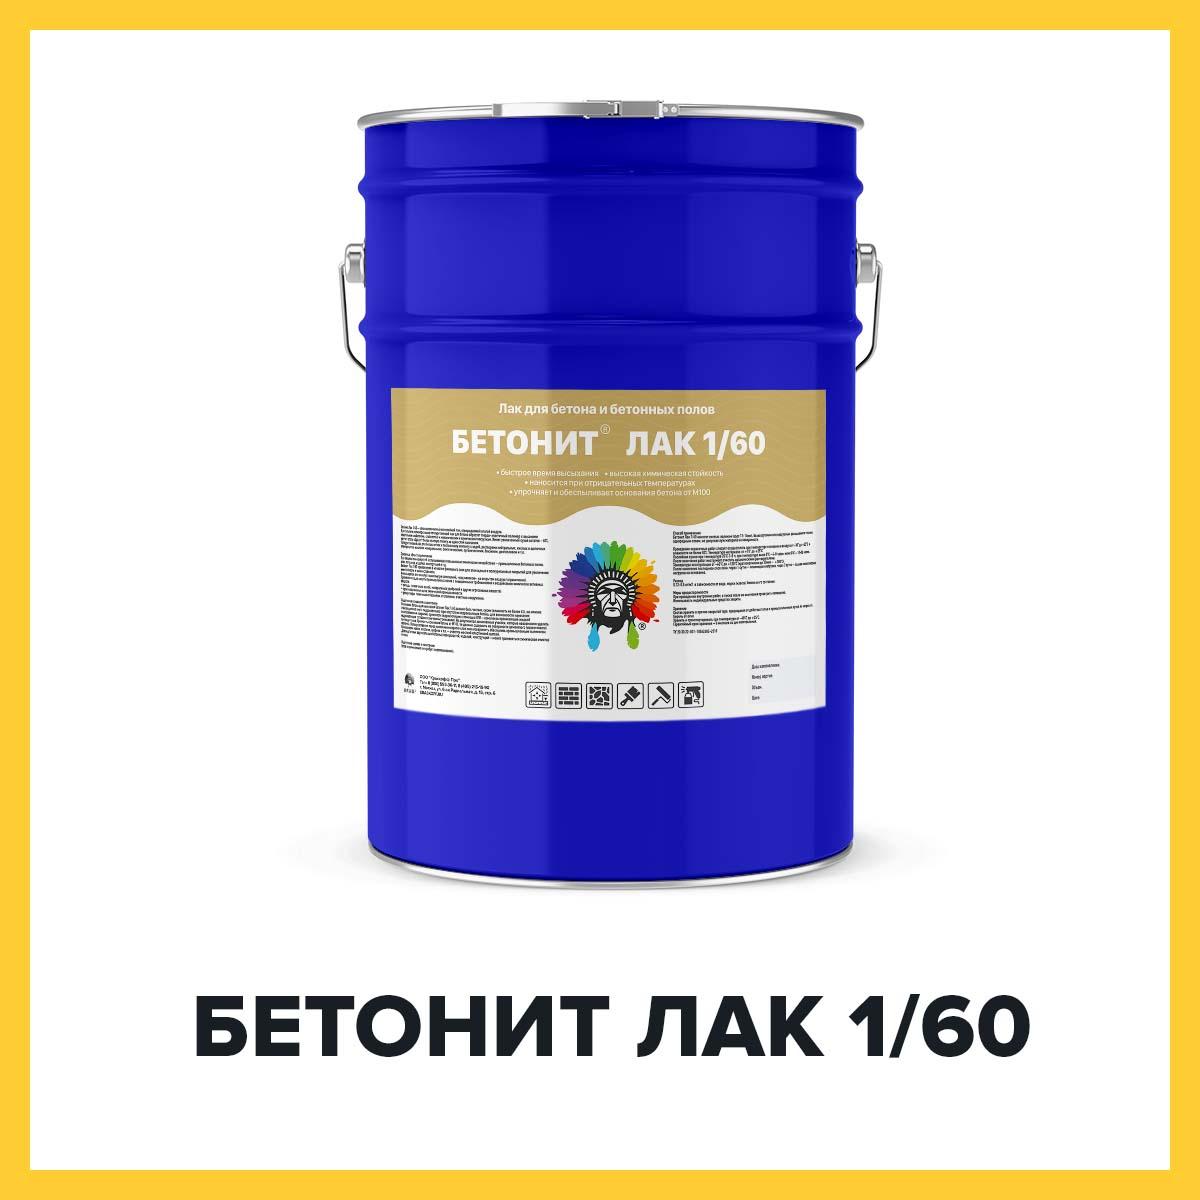 Полиуретановый лак для бетона купить бетон доставка одинцово